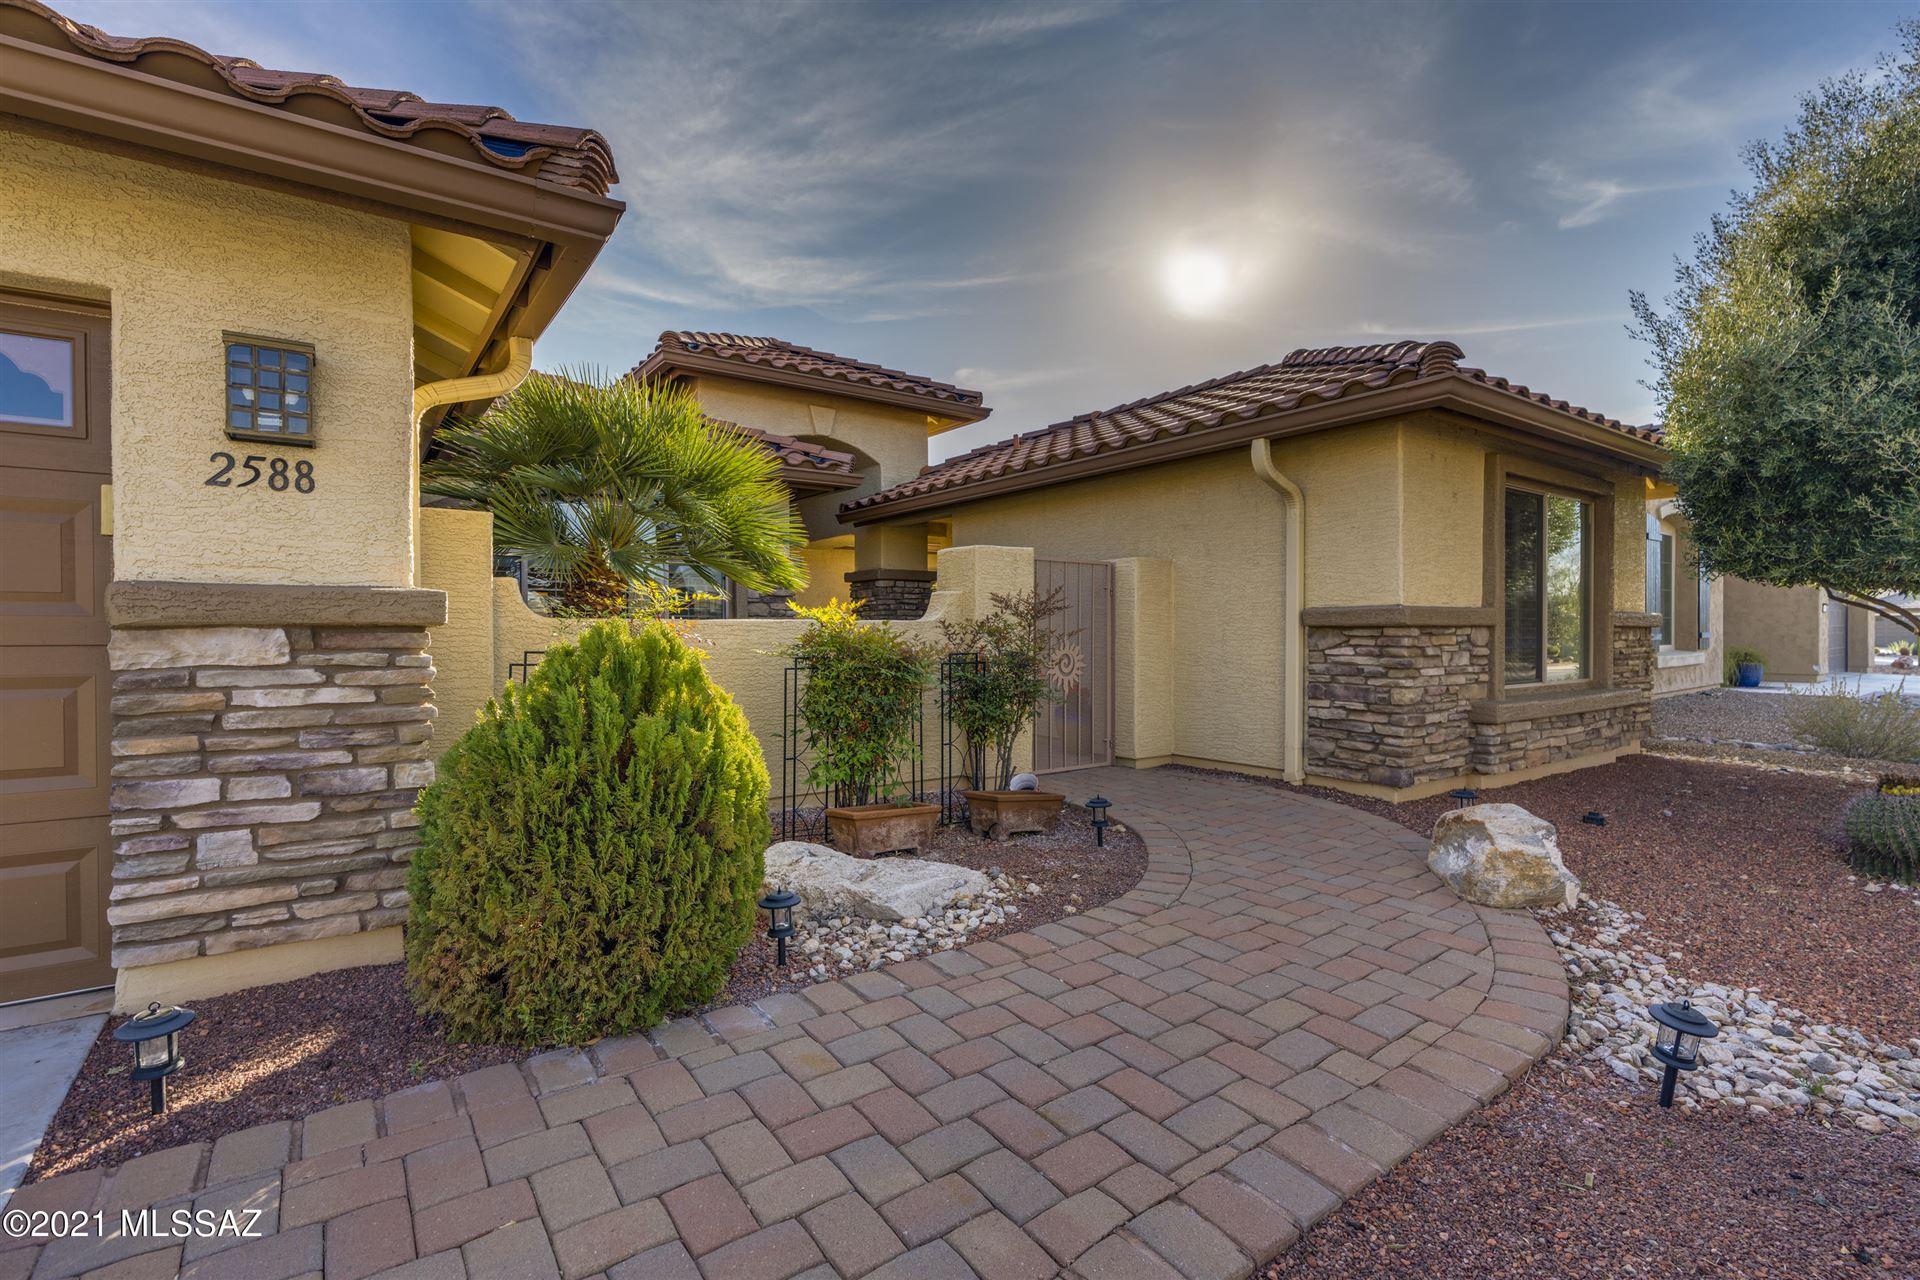 2588 E Arica Way, Green Valley, AZ 85614 - #: 22100440